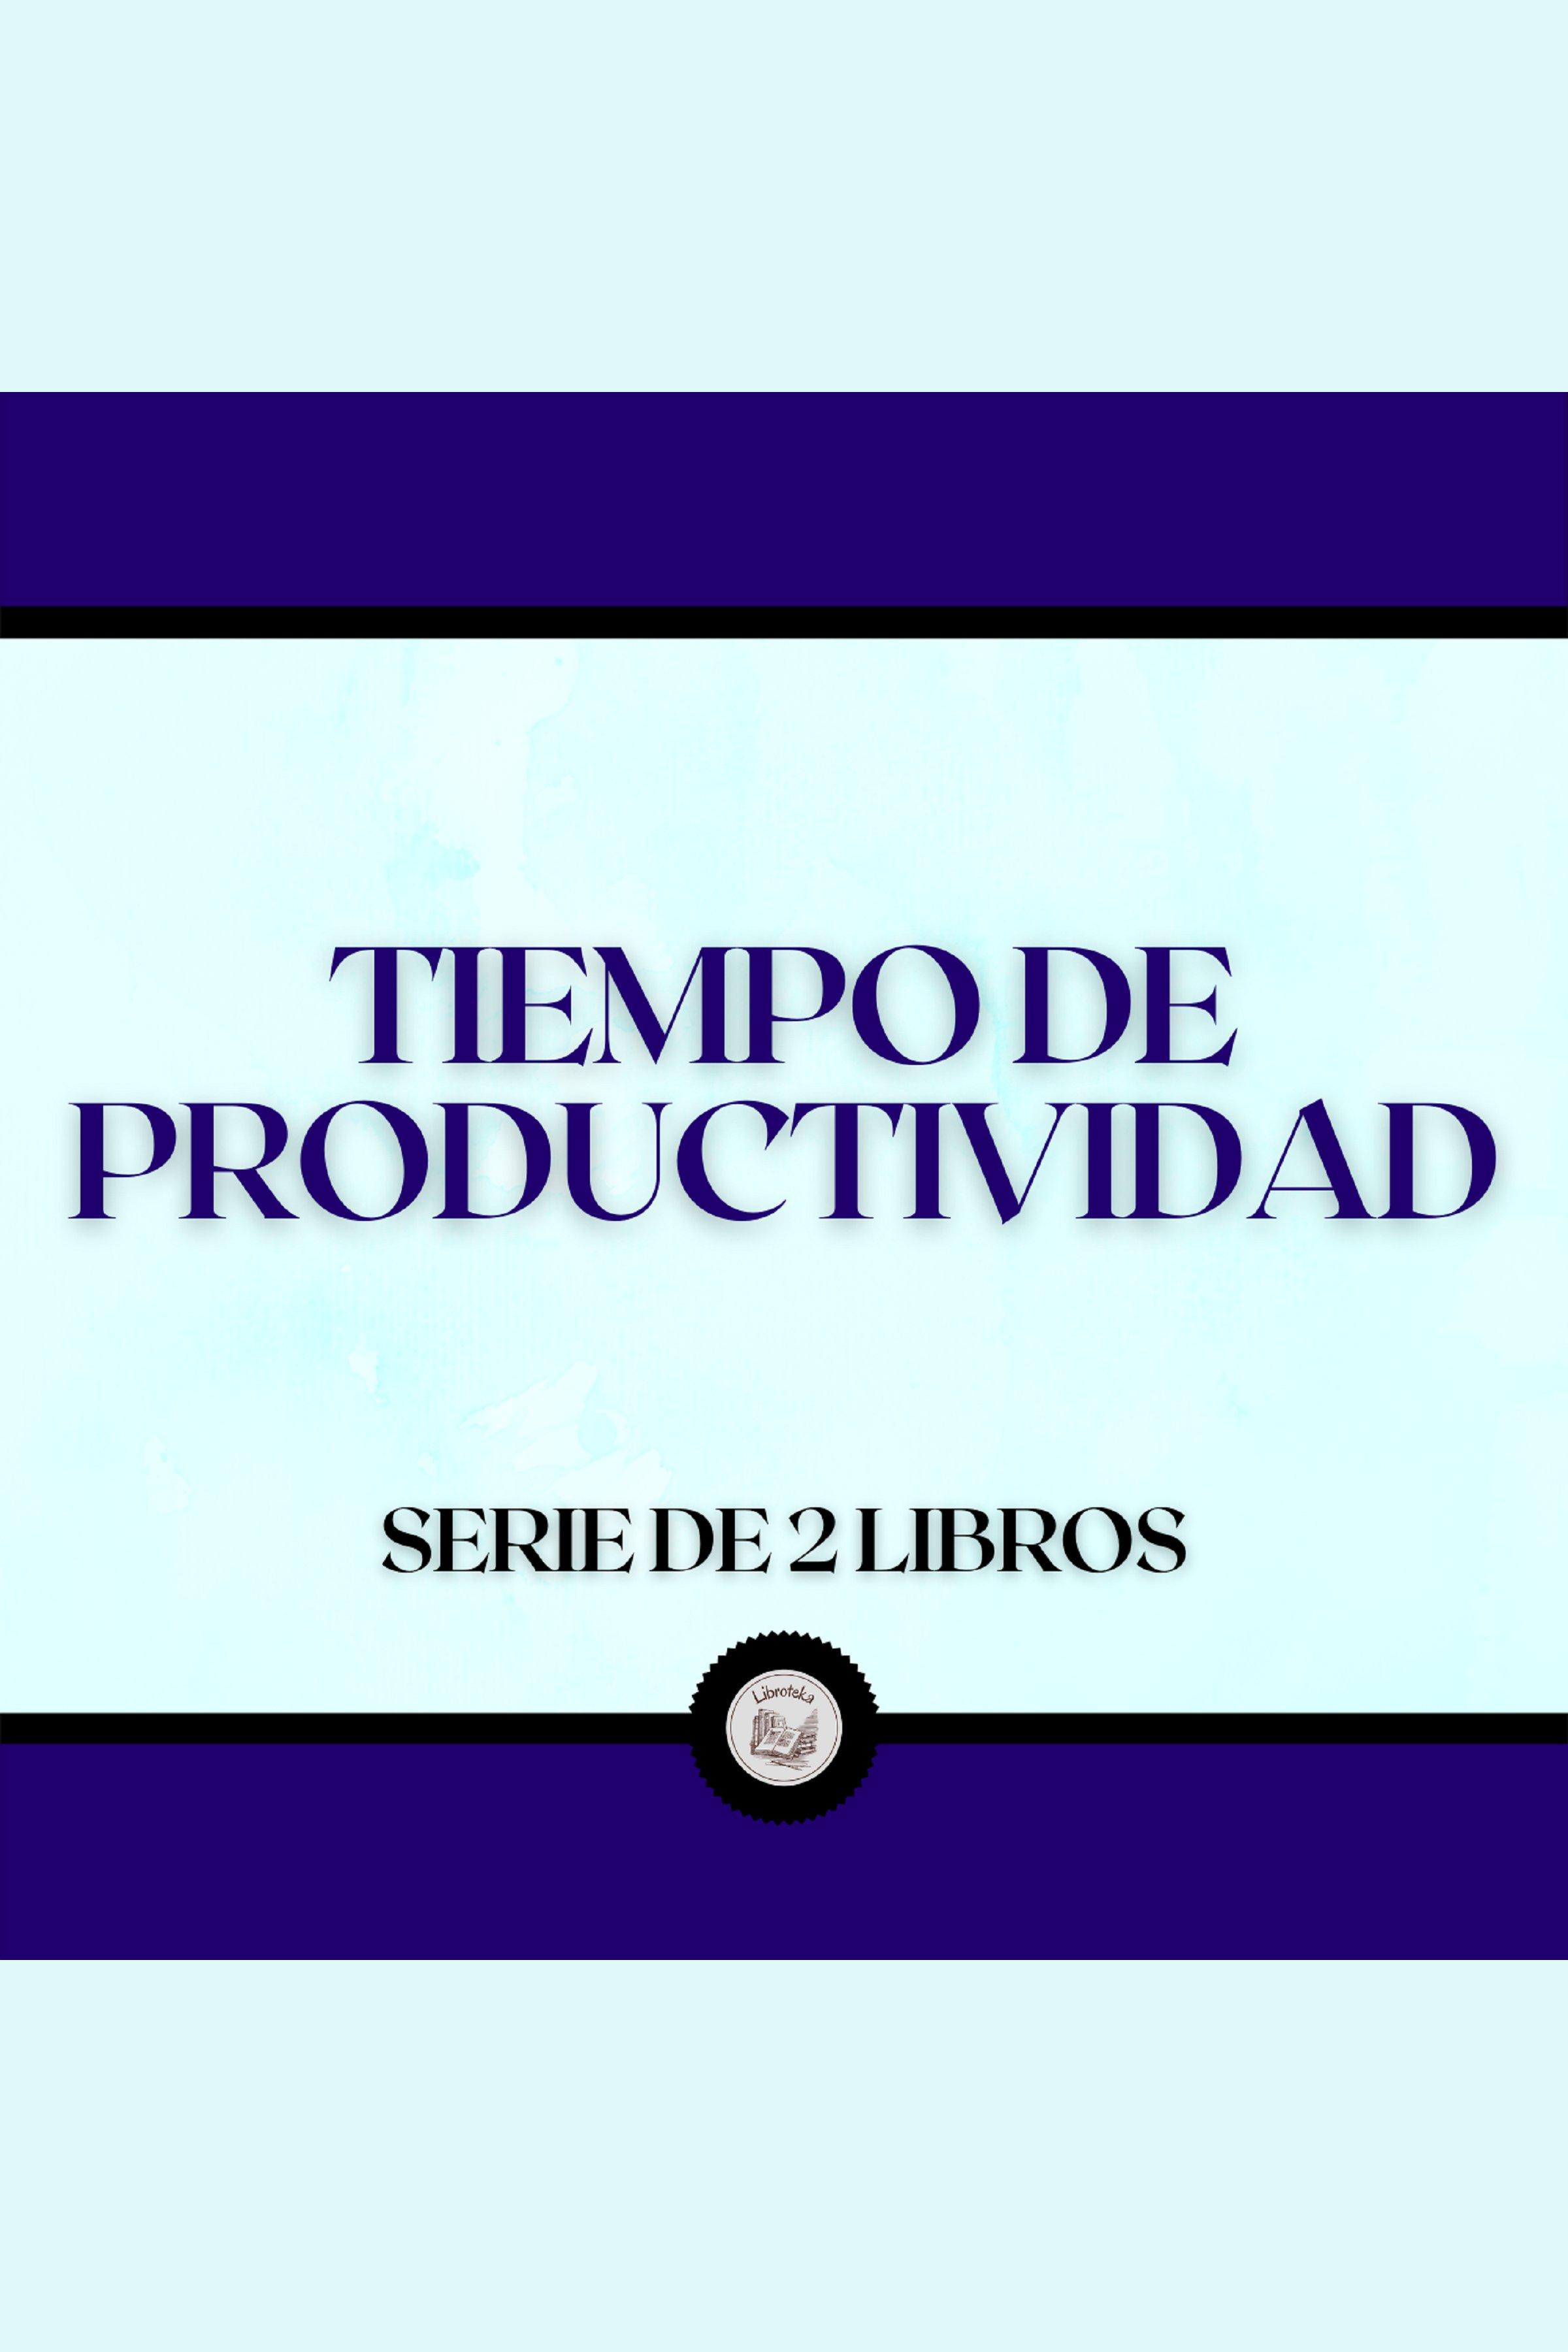 Esta es la portada del audiolibro Tiempo de Productividad (Serie de 2 Libros)